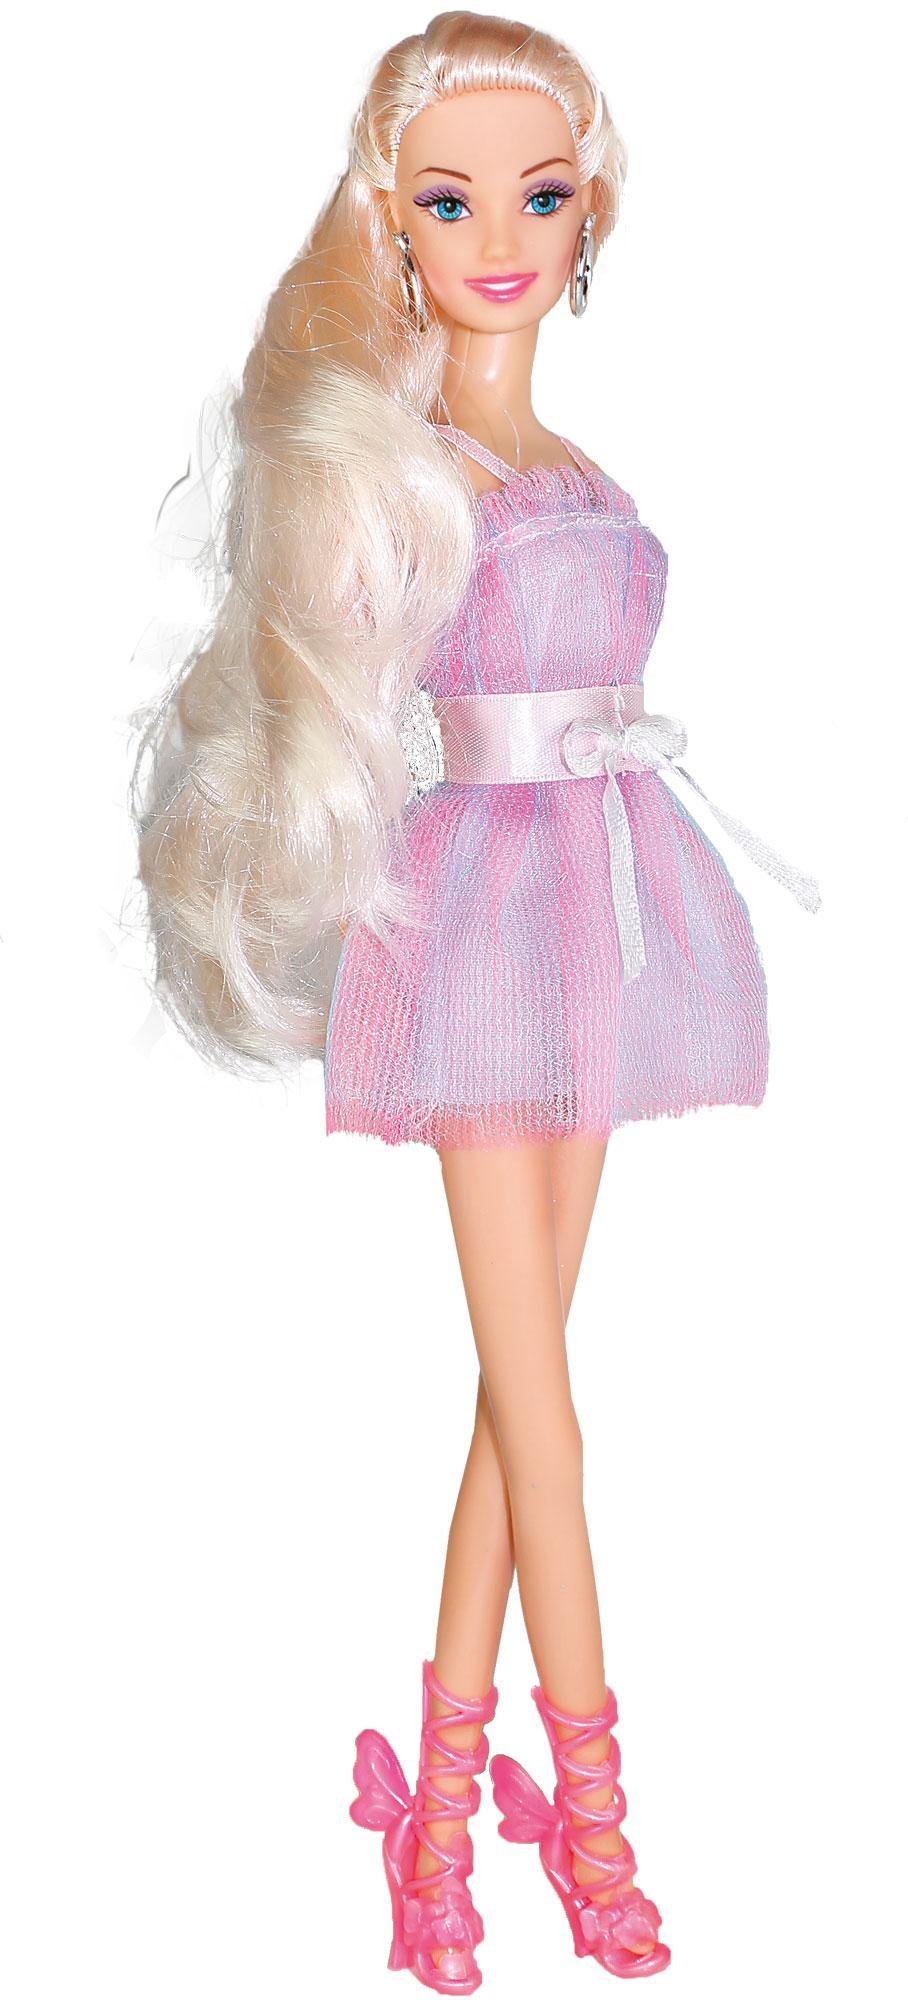 Кукла ToysLab Блестящий выход 28 см 35065 набор кукла ася джинсовая коллекция 28 см дизайн 1 toyslab ася